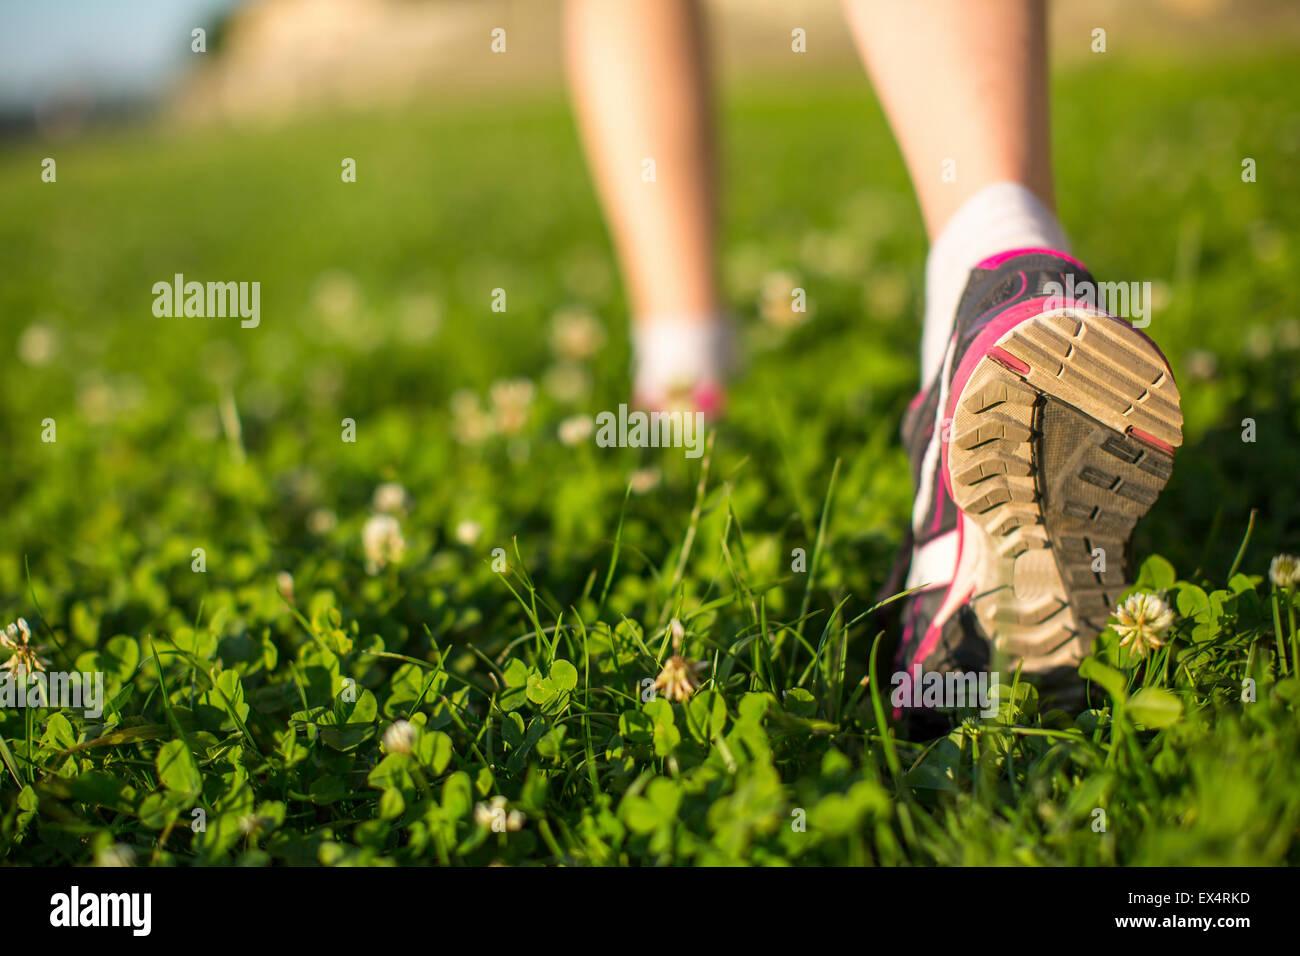 Gli escursionisti a piedi in erba verde all'aperto, angolo basso in prossimità del piede. Immagini Stock